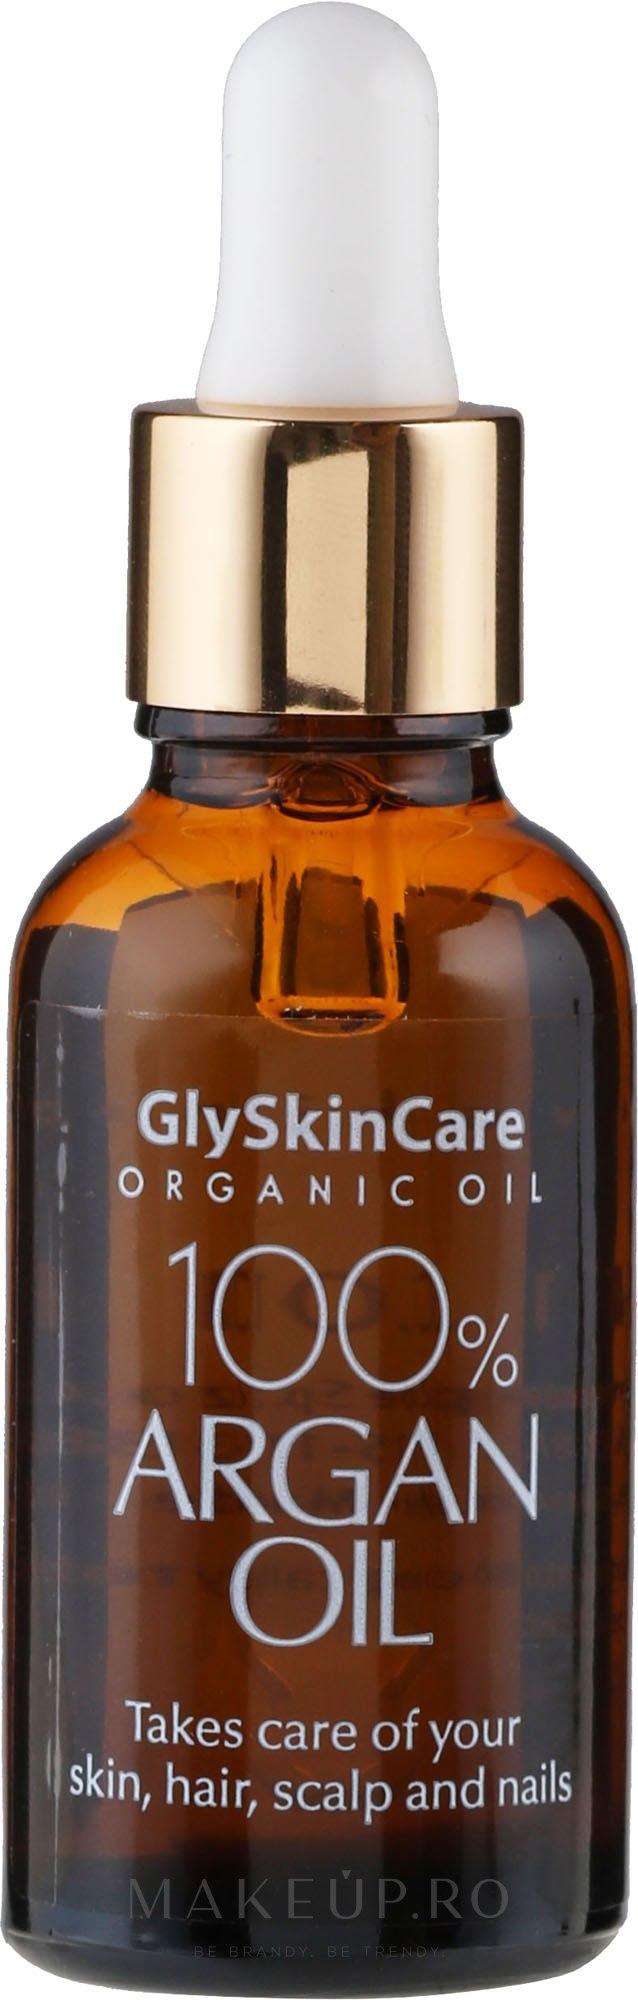 Ulei de argan pentru față - GlySkinCare 100% Argan Oil — Imagine 30 ml